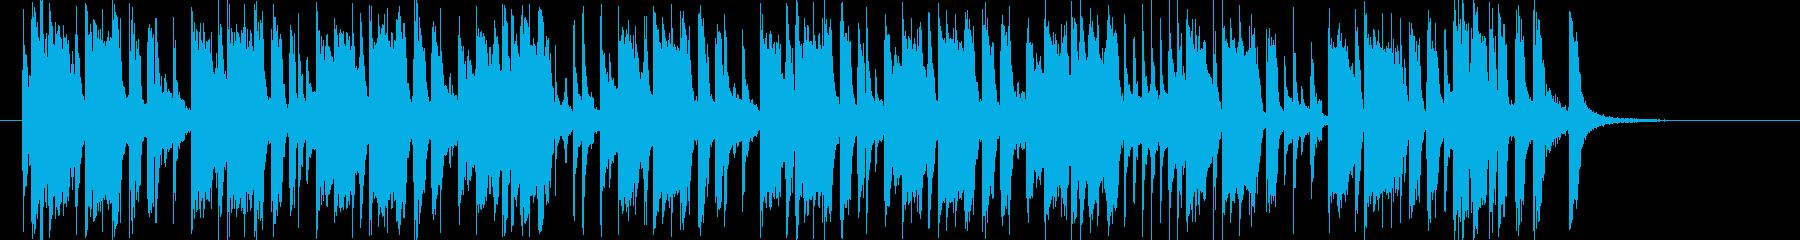 アップテンポな明るいポップスのジングルの再生済みの波形